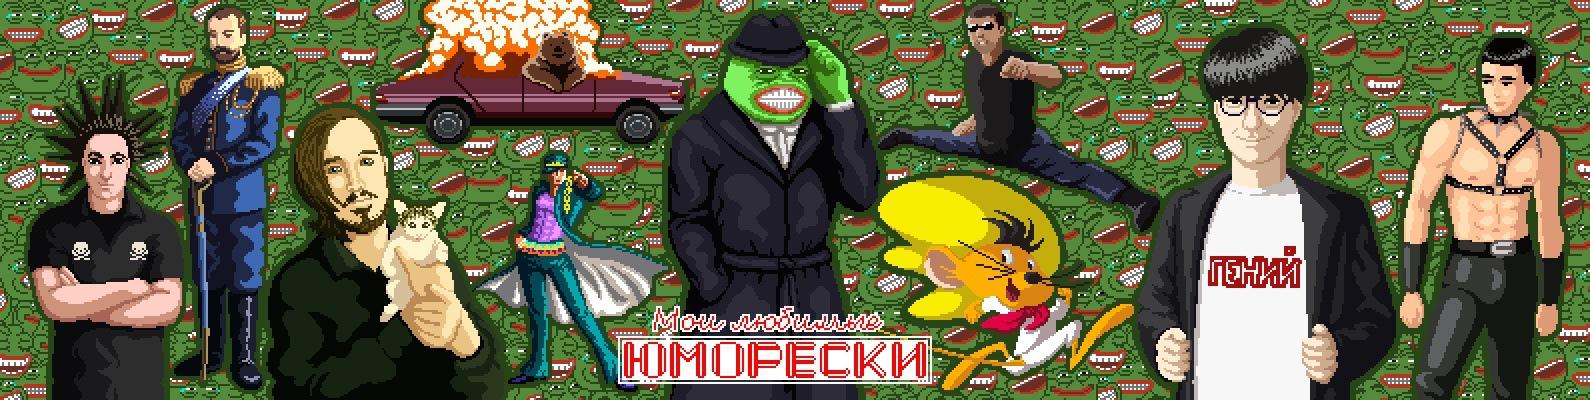 Мои любимые юморески   ВКонтакте